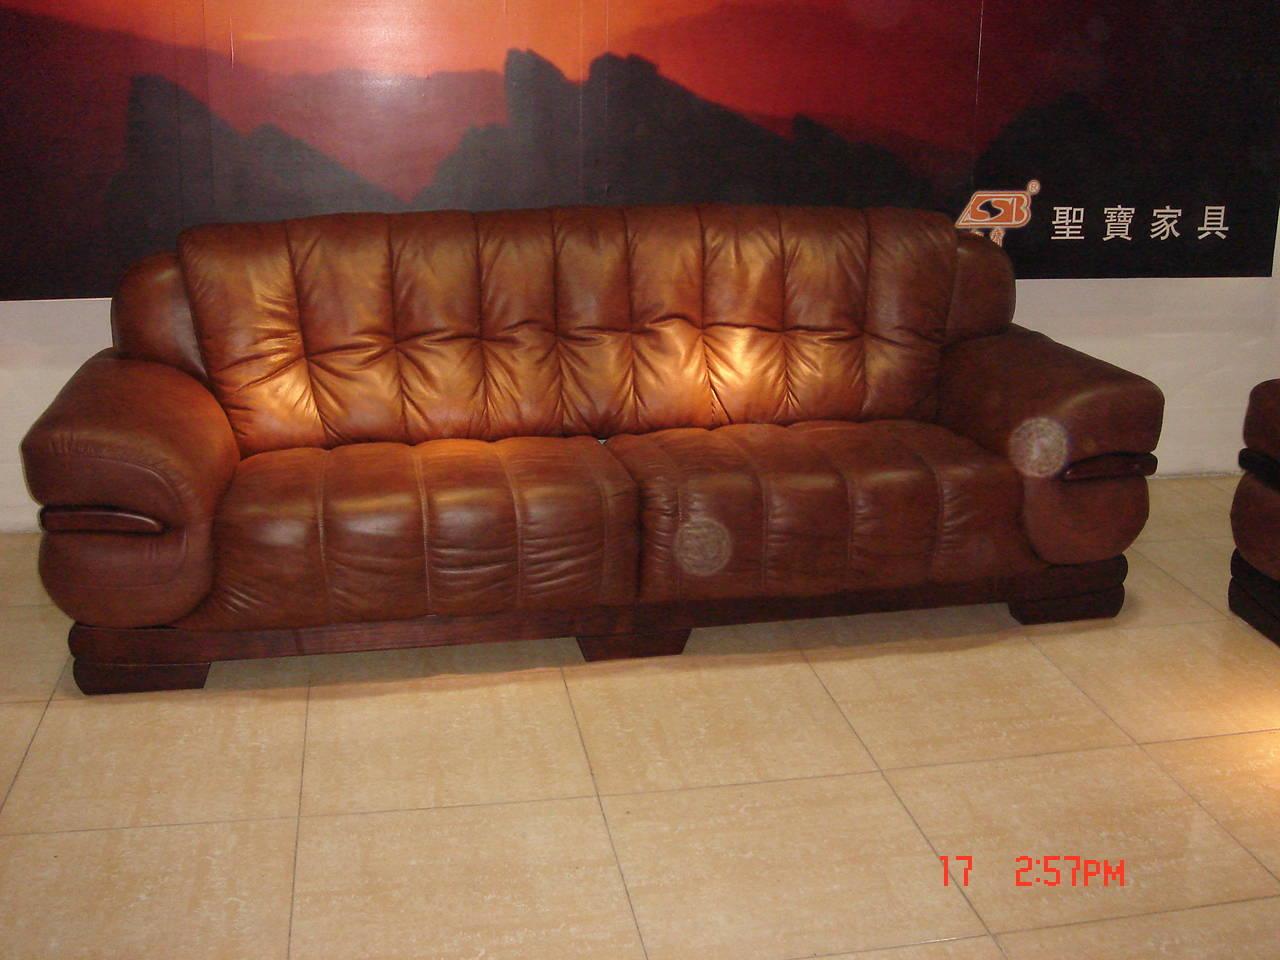 皮沙发产品图片,皮沙发产品相册